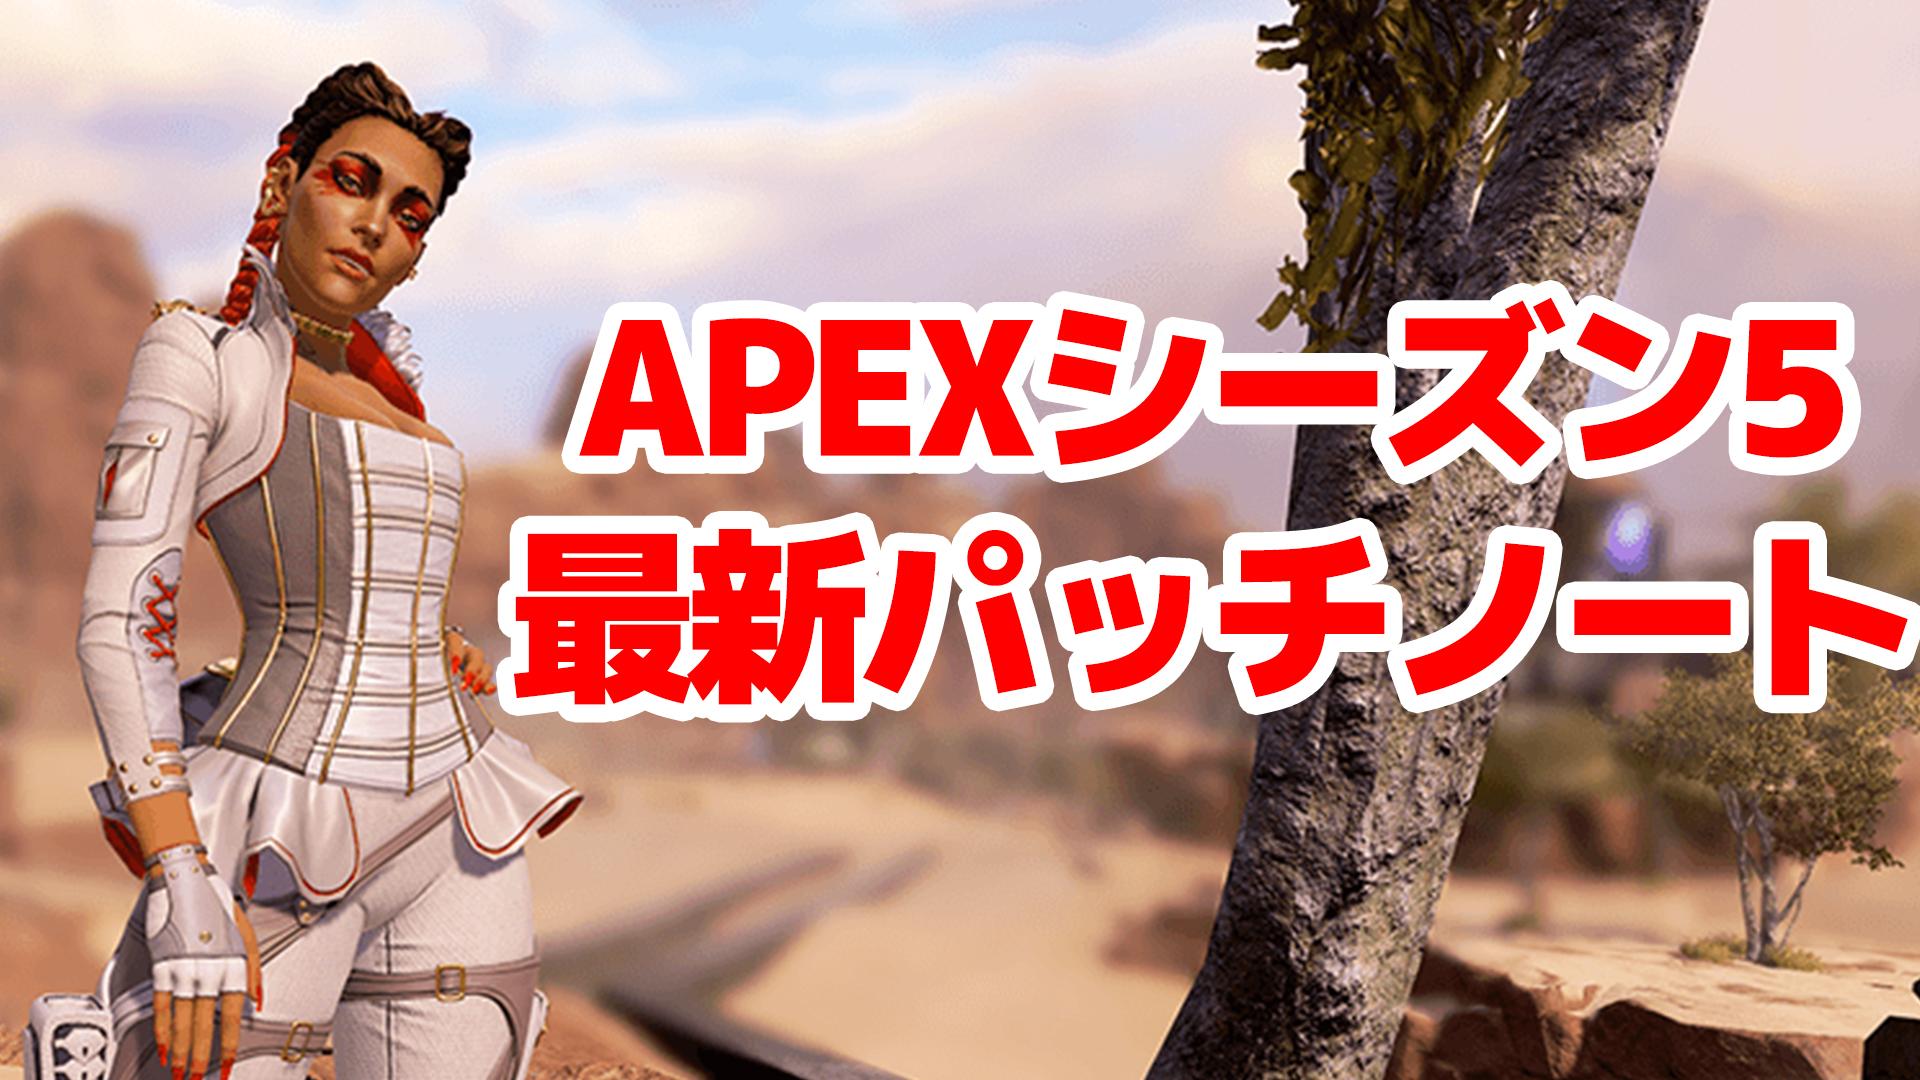 【シーズン5アプデ内容】エーペックスの最新パッチノートが公開!!「ミラージュの大幅強化」「再接続機能の実装」・他まとめ